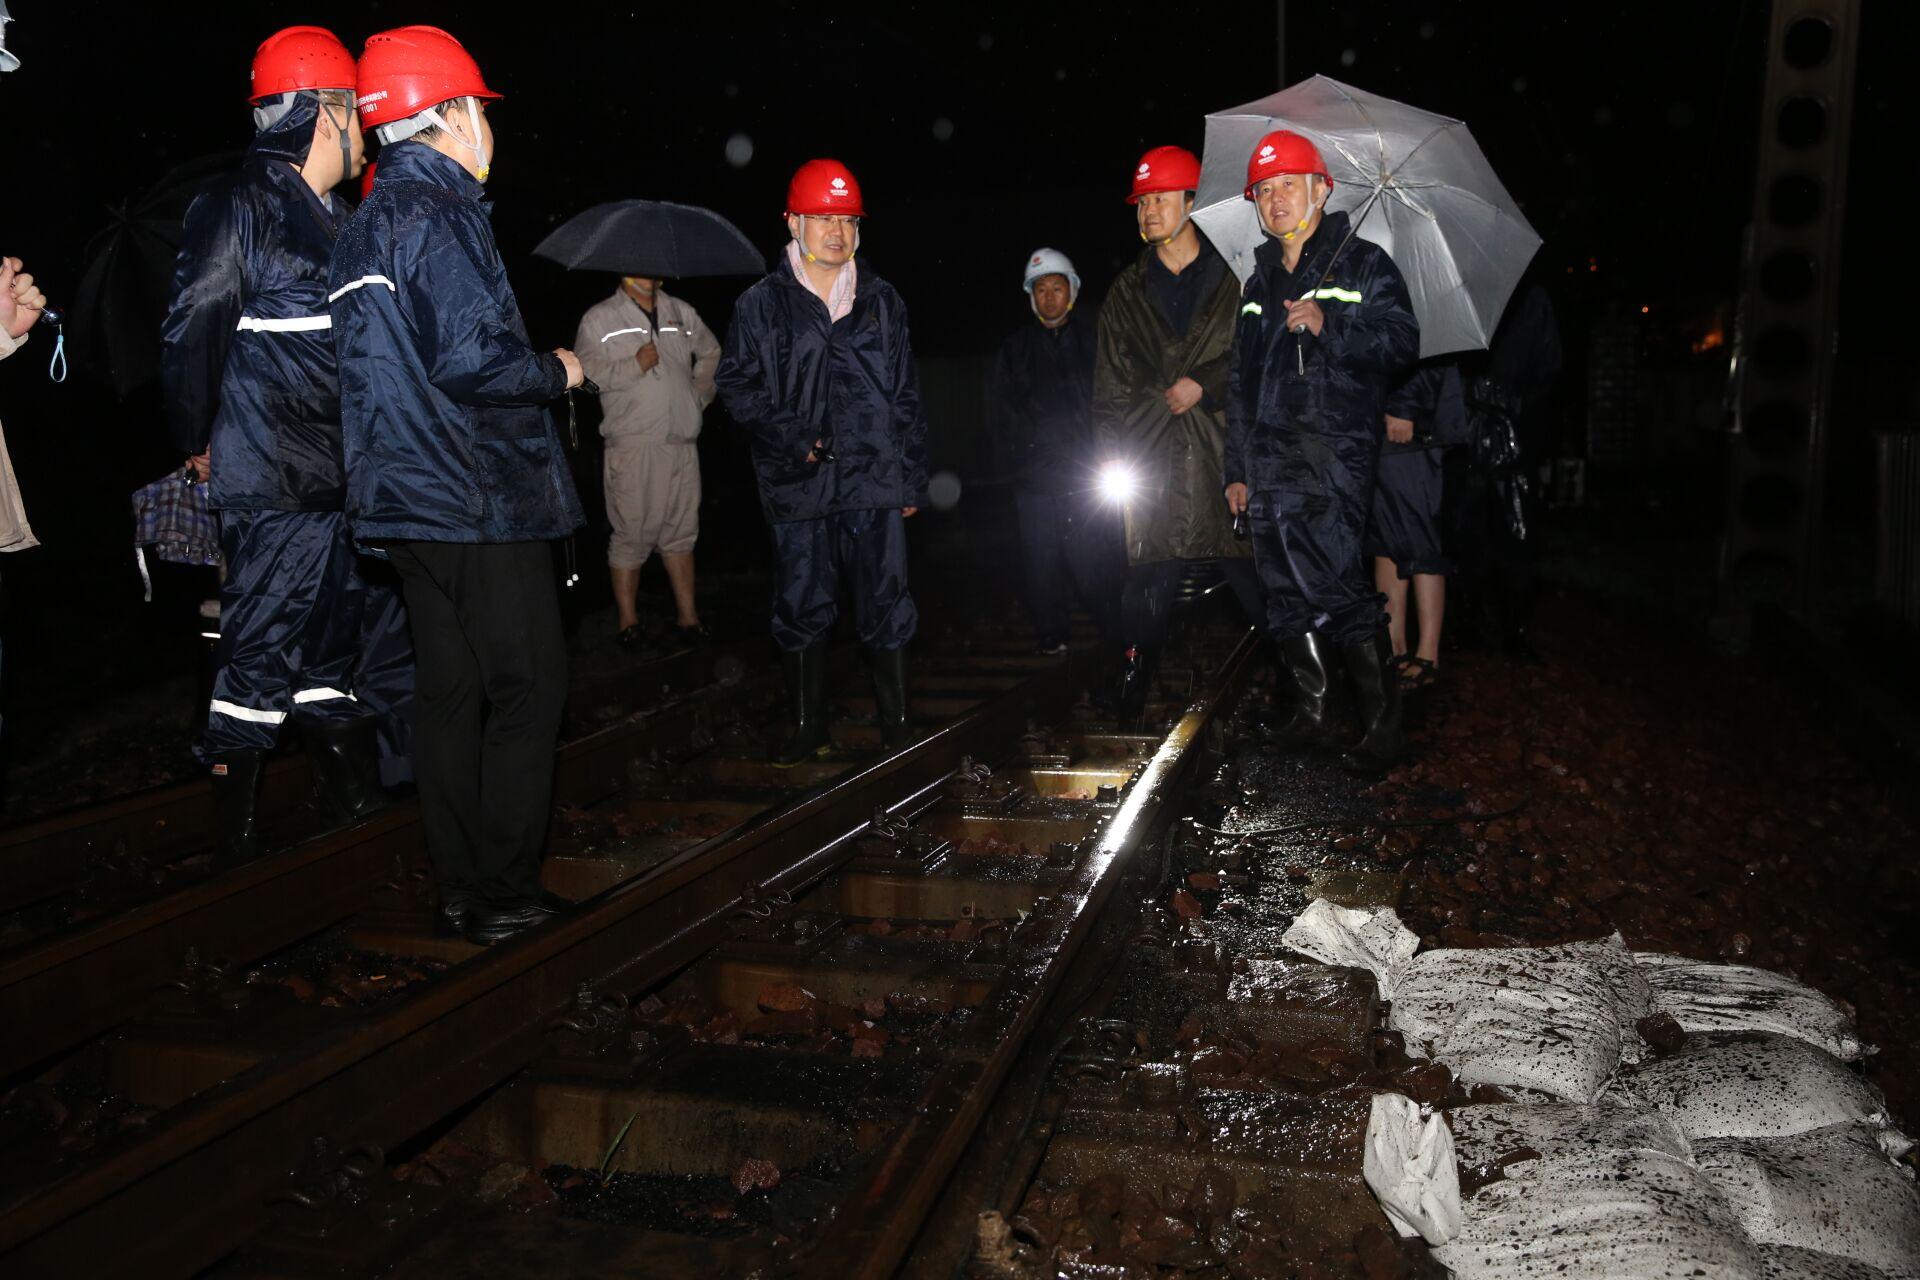 没有因为暴雨少发一度电——国家能源集团河南荥阳热电公司应对特大暴雨纪实